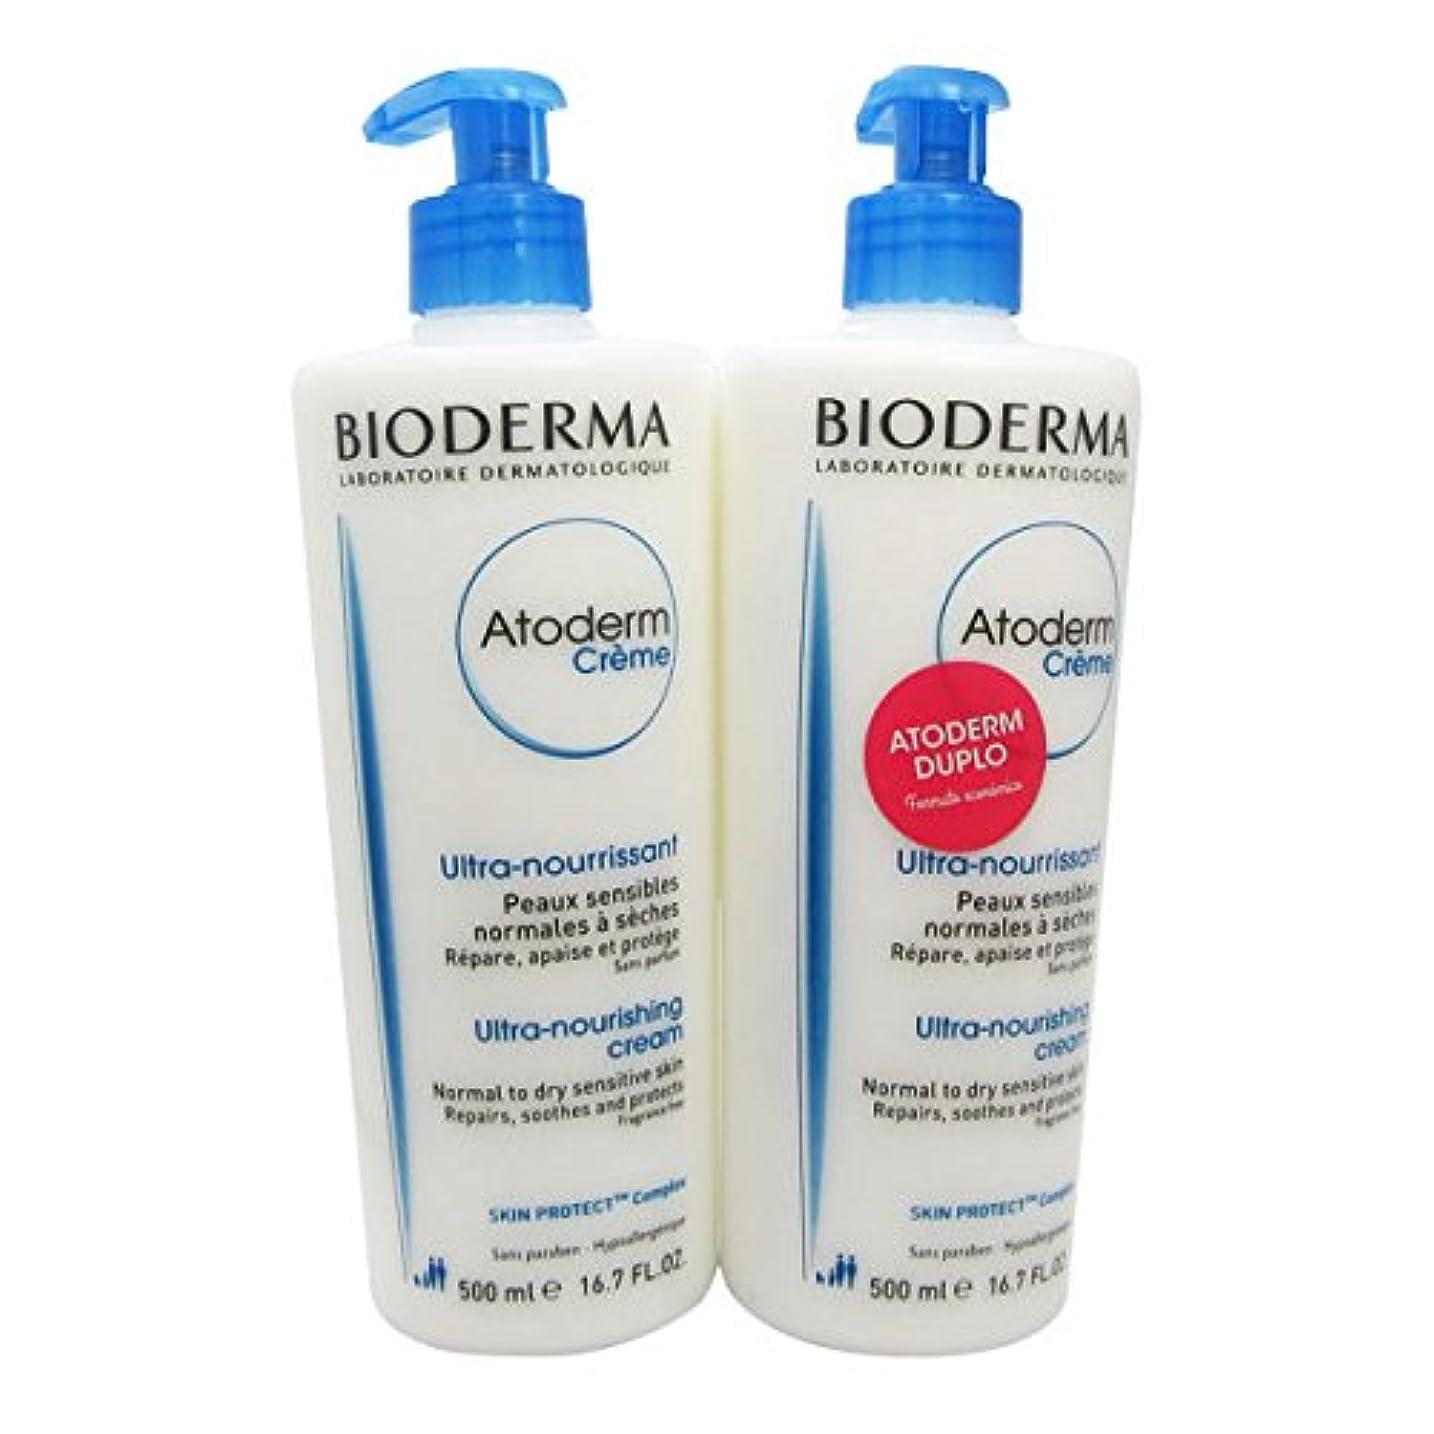 移民マスタード基礎理論Bioderma Atoderm Nourishing Cream 2x500ml [並行輸入品]